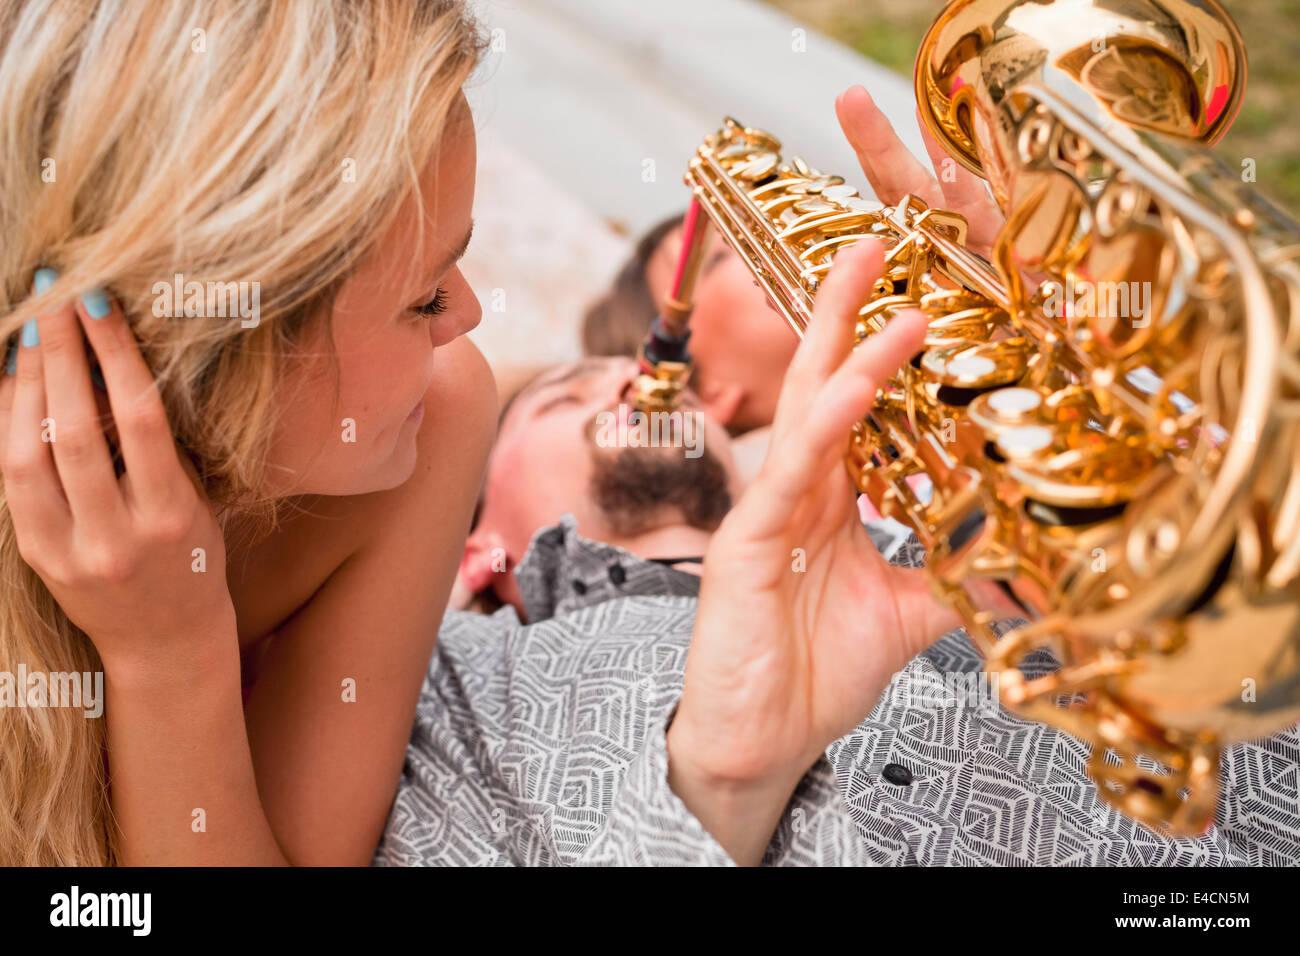 Hombre tocando el saxofón a las mujeres, en Osijek, Croacia Imagen De Stock